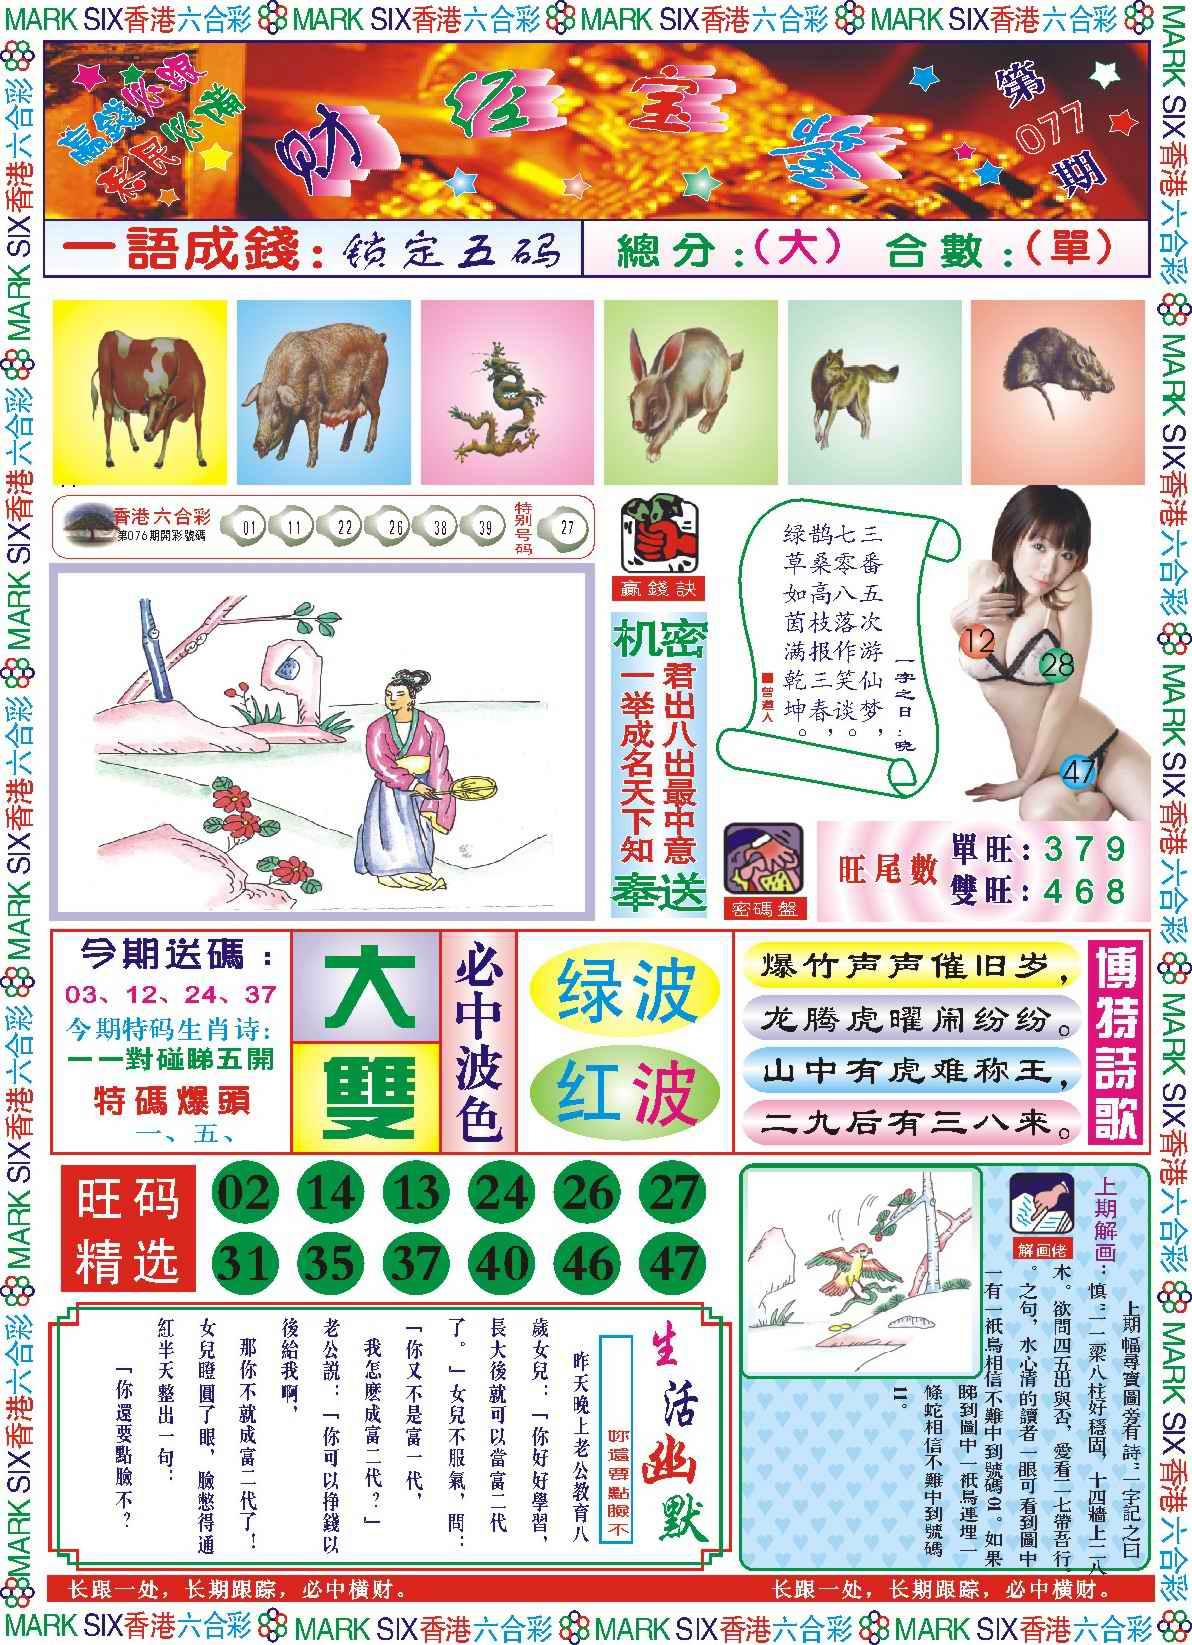 077期118财经宝鉴(新图)